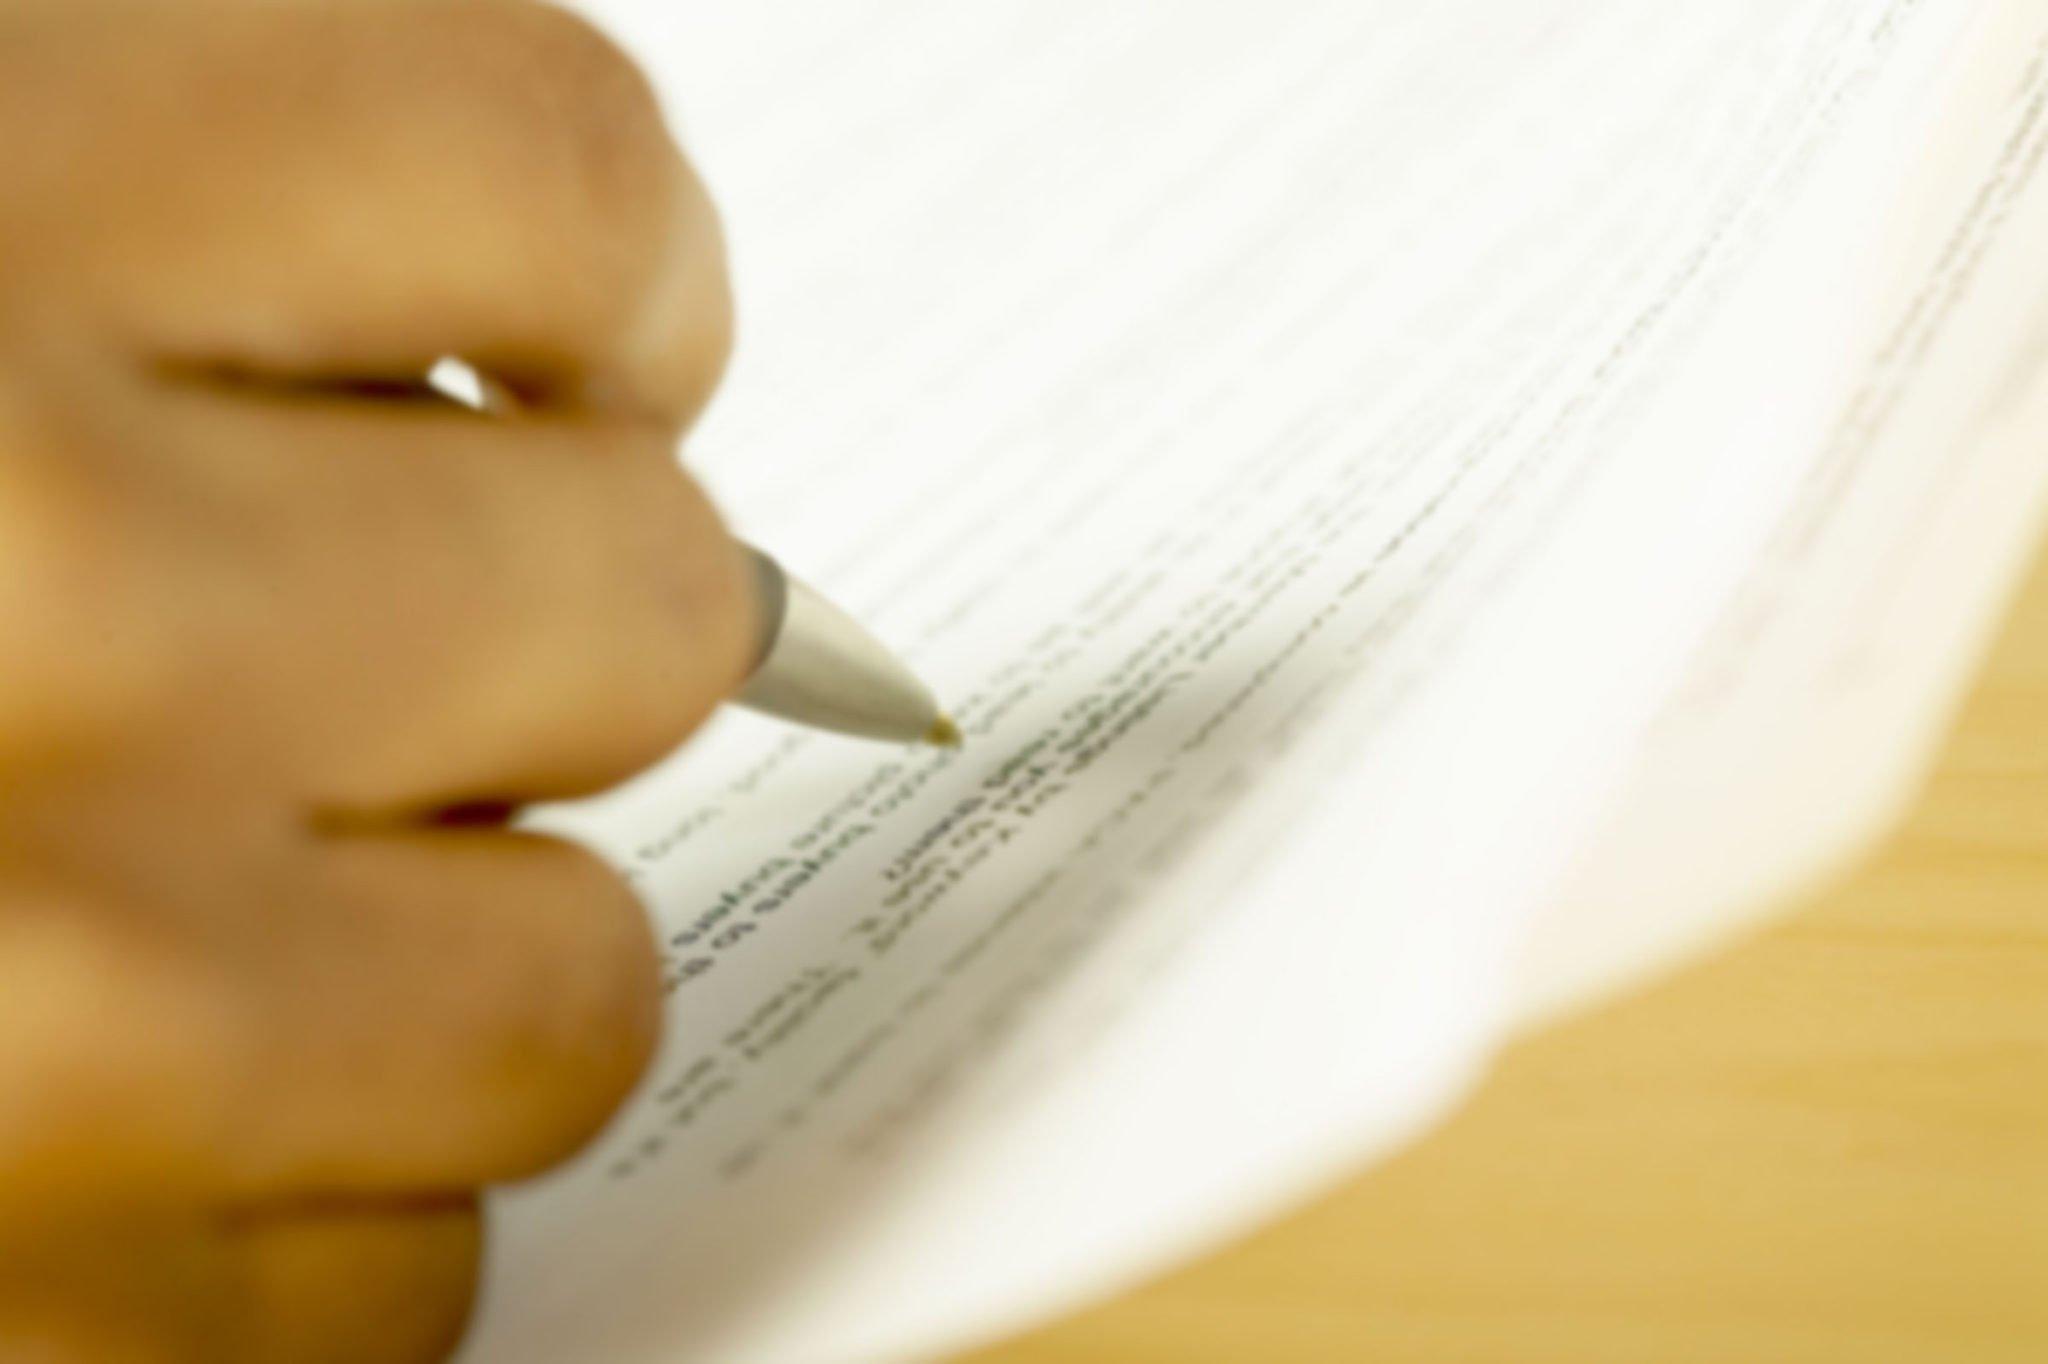 46 de note mărite în urma contestațiilor la titularizare